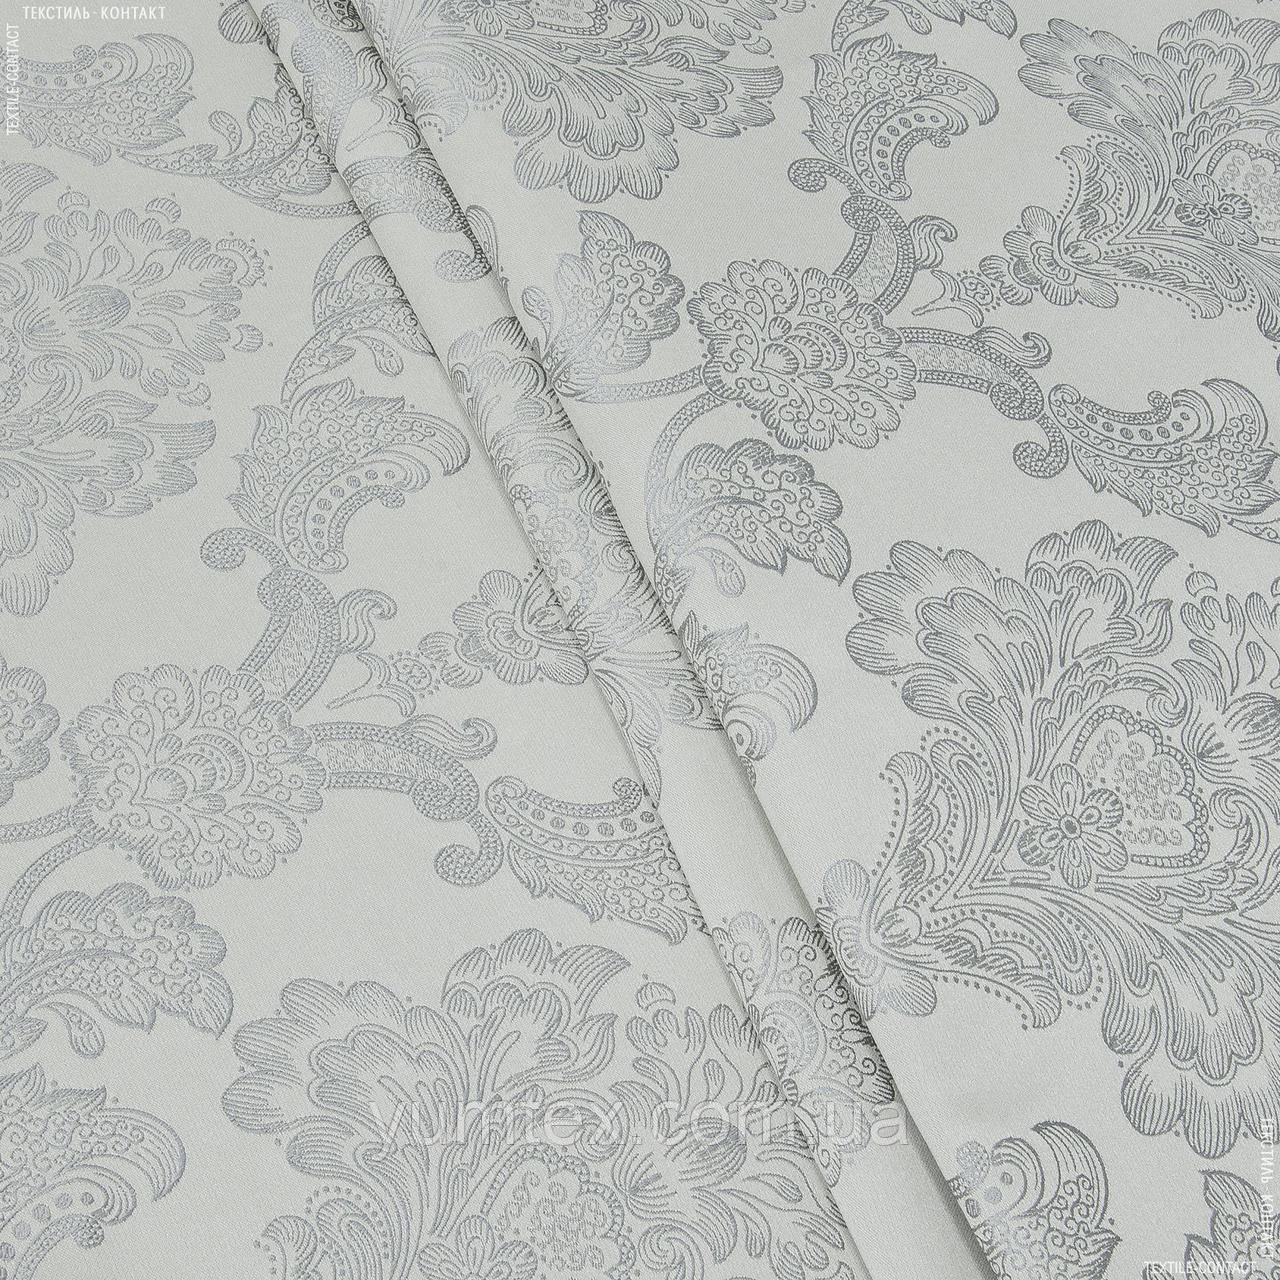 Декоративна тканина бейліс пісок 141346